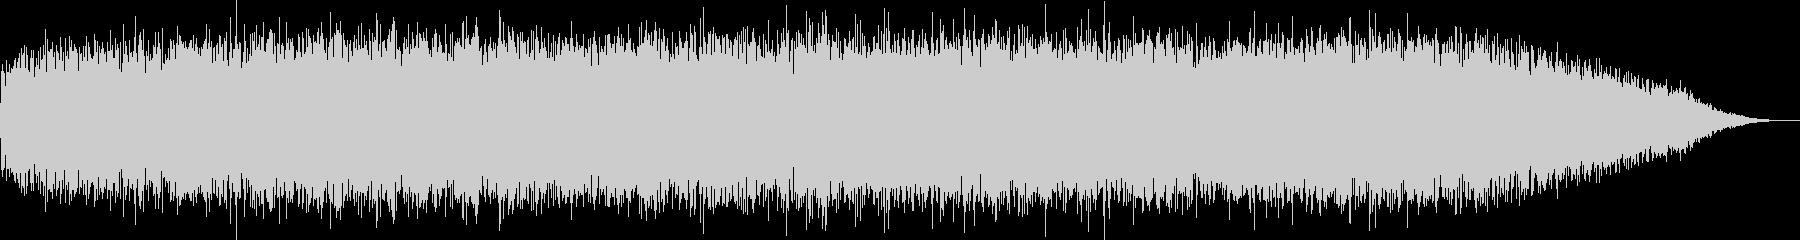 アンダーグラウンドイメージ環境音の未再生の波形